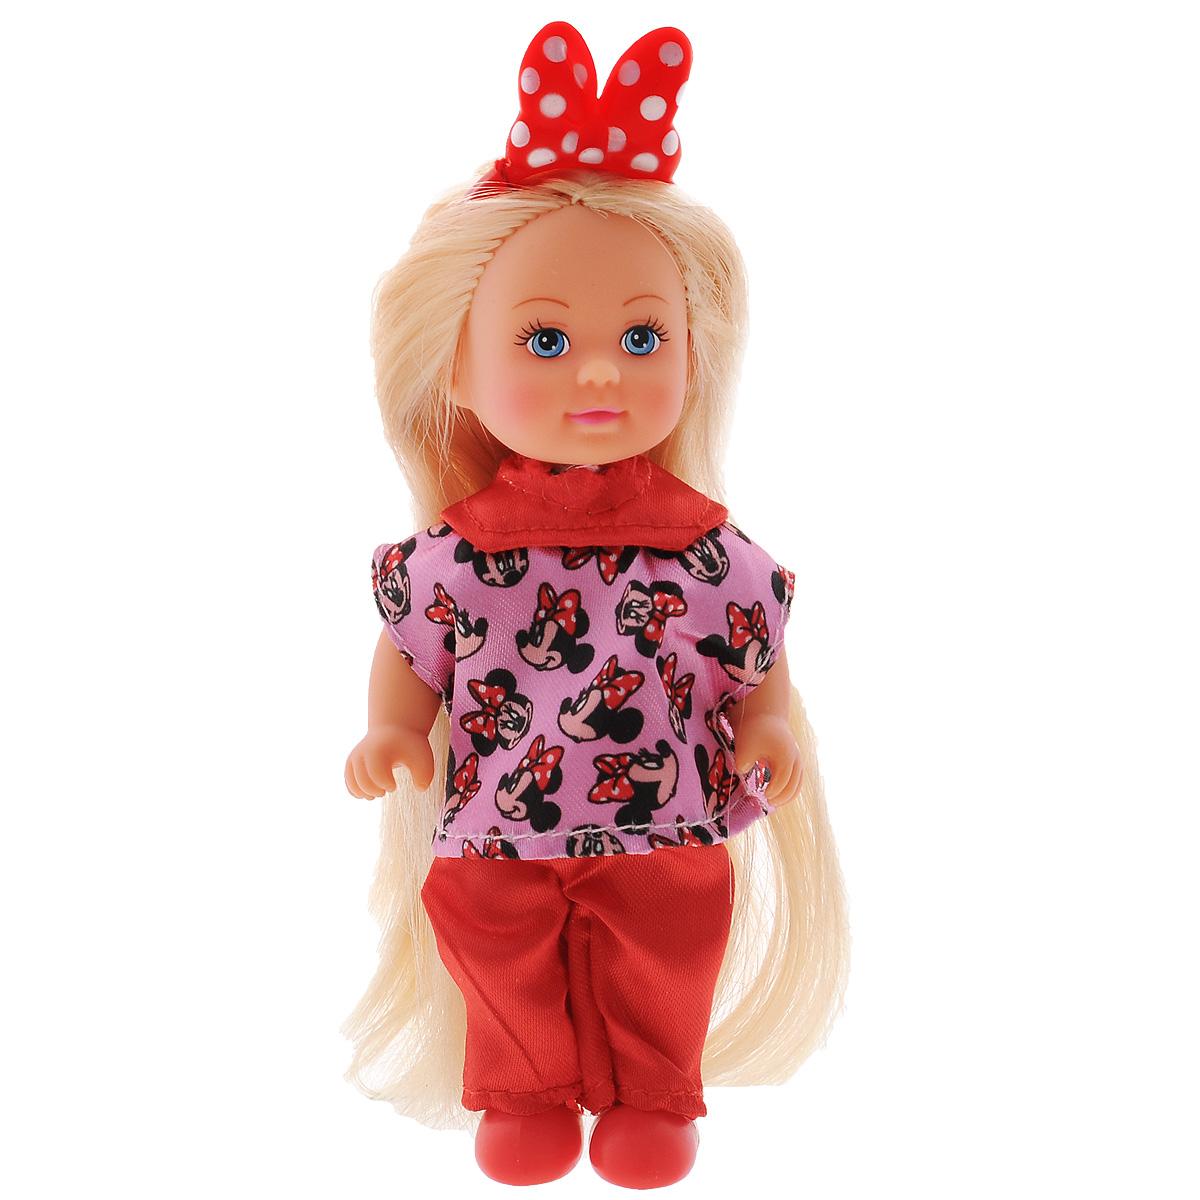 Simba Игровой набор Minnie Mouse Еви стилист5746513Игровой набор Minnie Mouse: Еви стилист станет отличным подарком для вашей малышки. Набор включает в себя куколку Еви с длинными волосами и аксессуары для создания ей прически (фен, расчески, заколки). Все аксессуары выполнены из прочного безопасного пластика. Очаровательная куколка Еви одета в розово-красный костюм с изображением Minnie Mouse, на ногах красные ботиночки. Благодаря аксессуарам набора ваша малышка сможет создавать Еви различные образы и прически. Играя со своей маленькой подружкой, ребенок сможет развить воображение и фантазию, а также творческие способности.